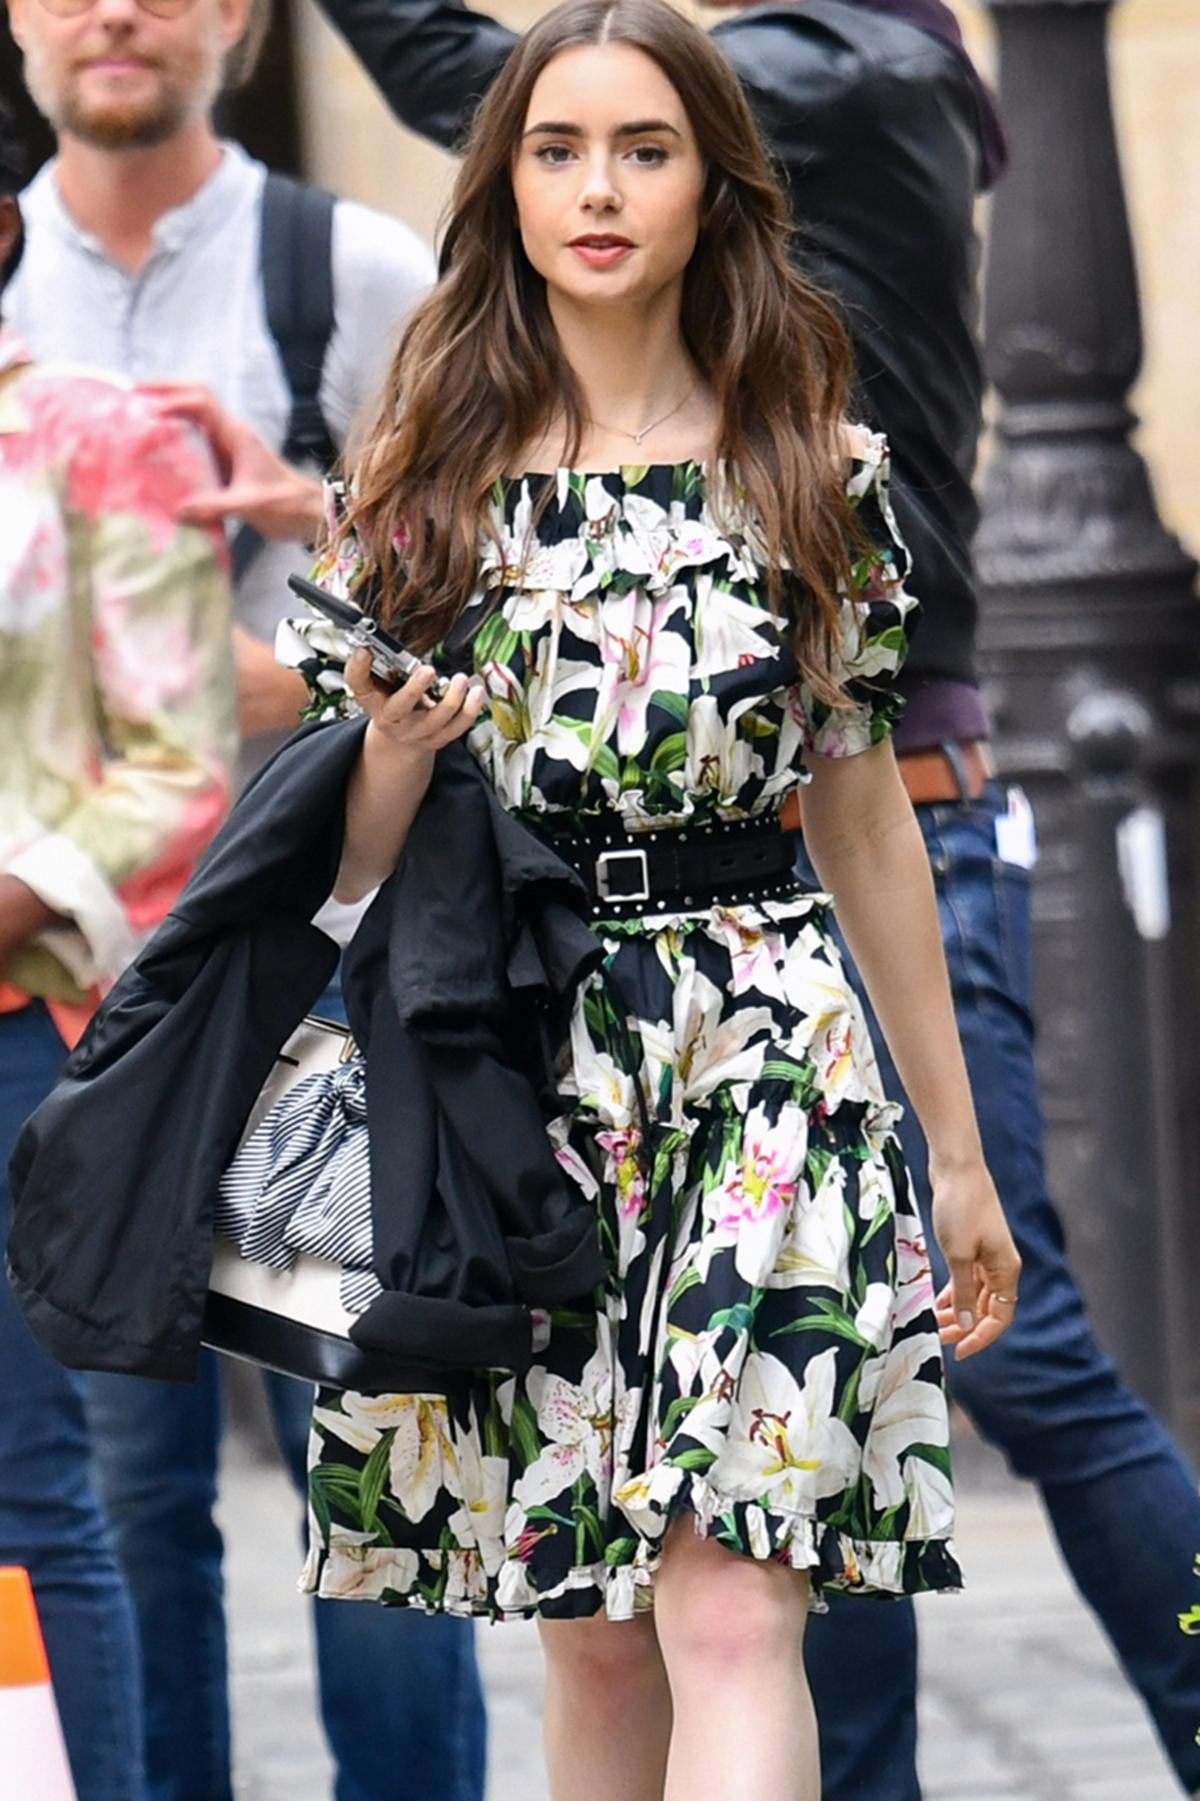 Trong cảnh quay khác, cô tiếp tục mang túi cầm tay Aldo với váy hoa trễ vai Dolce & Gabbana. Nhân vật tôn vóc dáng với thắt lưng Rag & Bone, giày màu hồng cánh sen Christian Louboutin. Ảnh: Splashnews